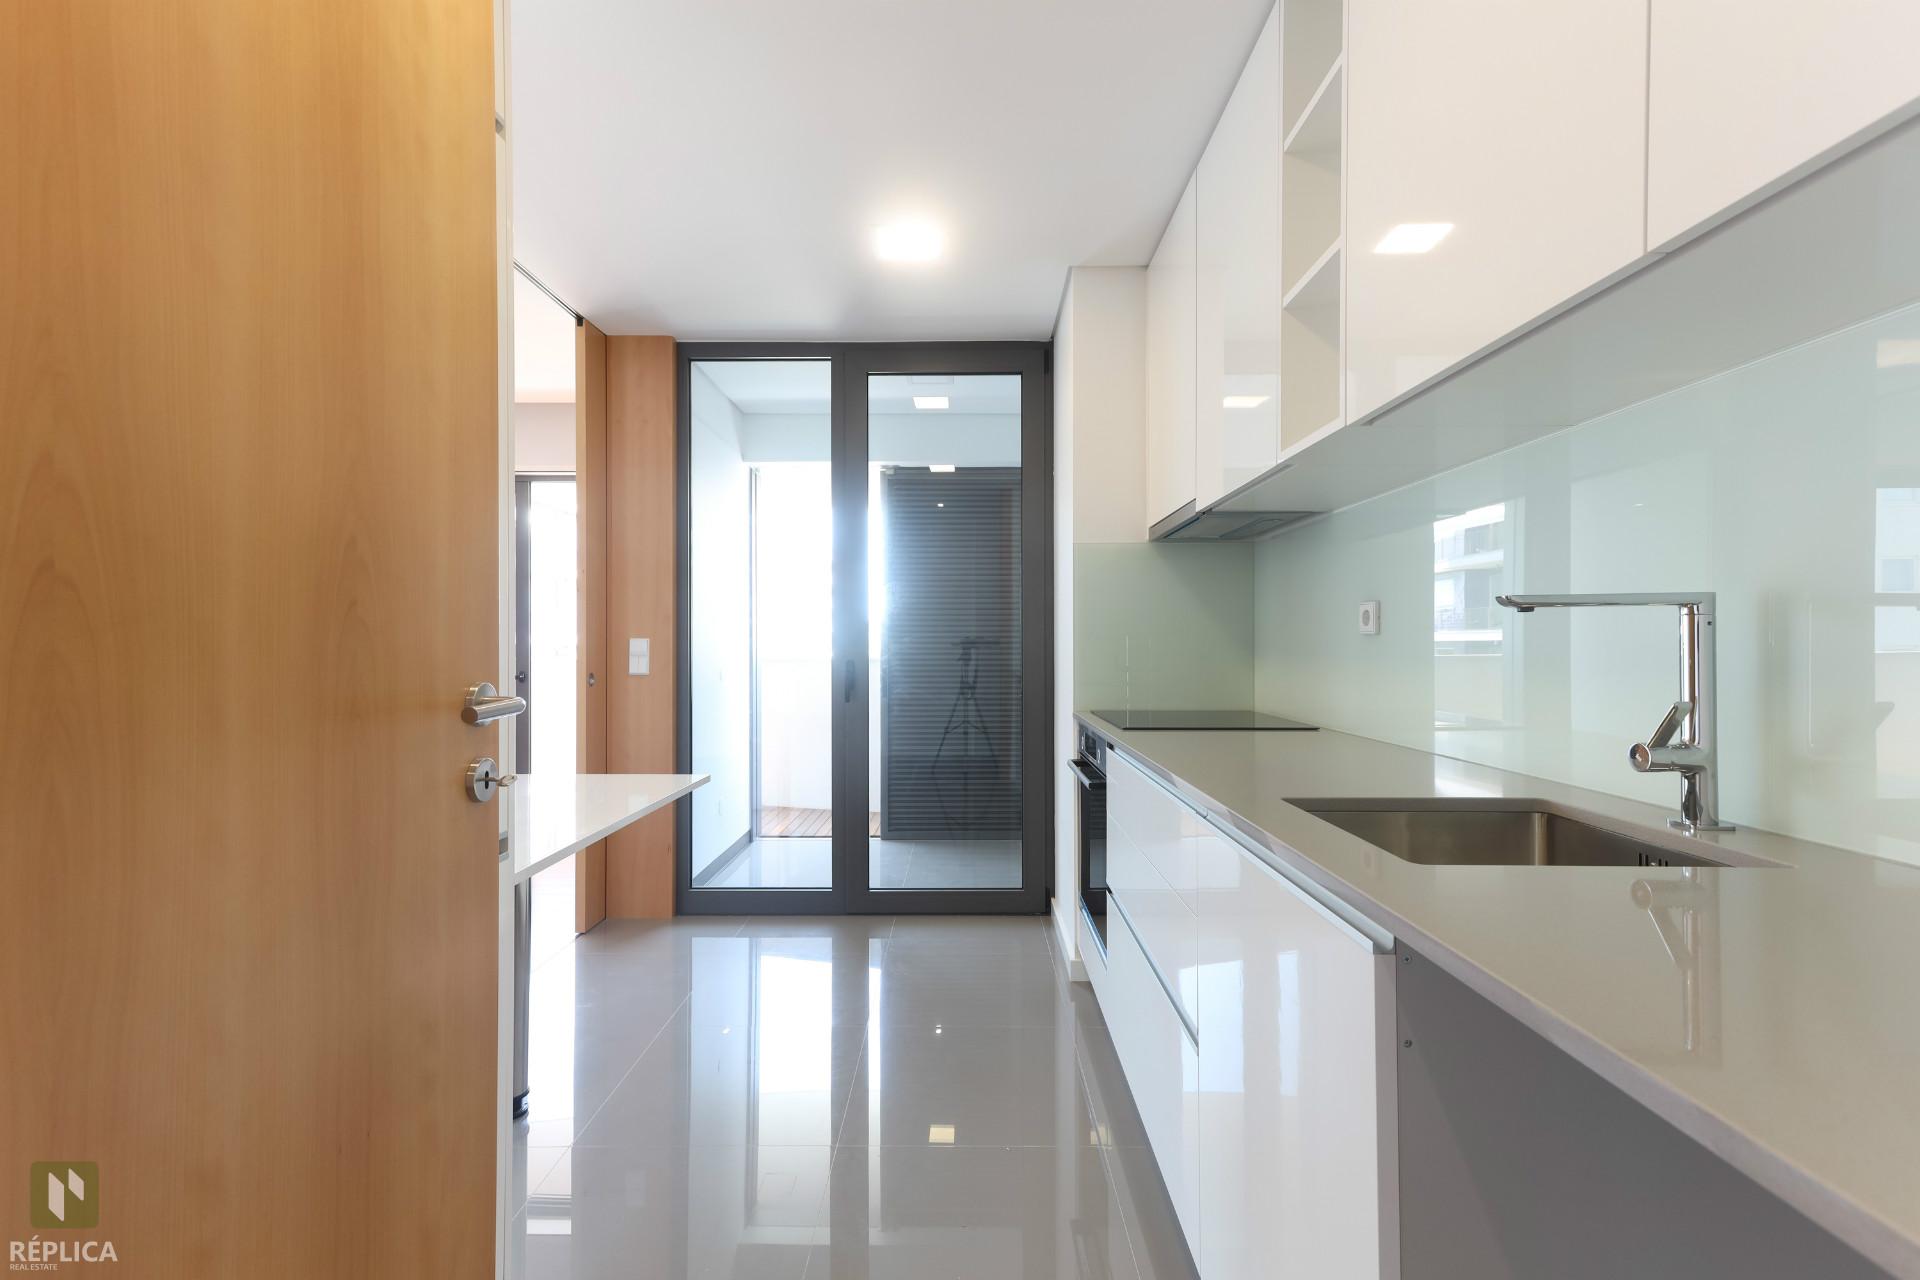 Apartamento T2 NOVO com 2 lugares de garagem